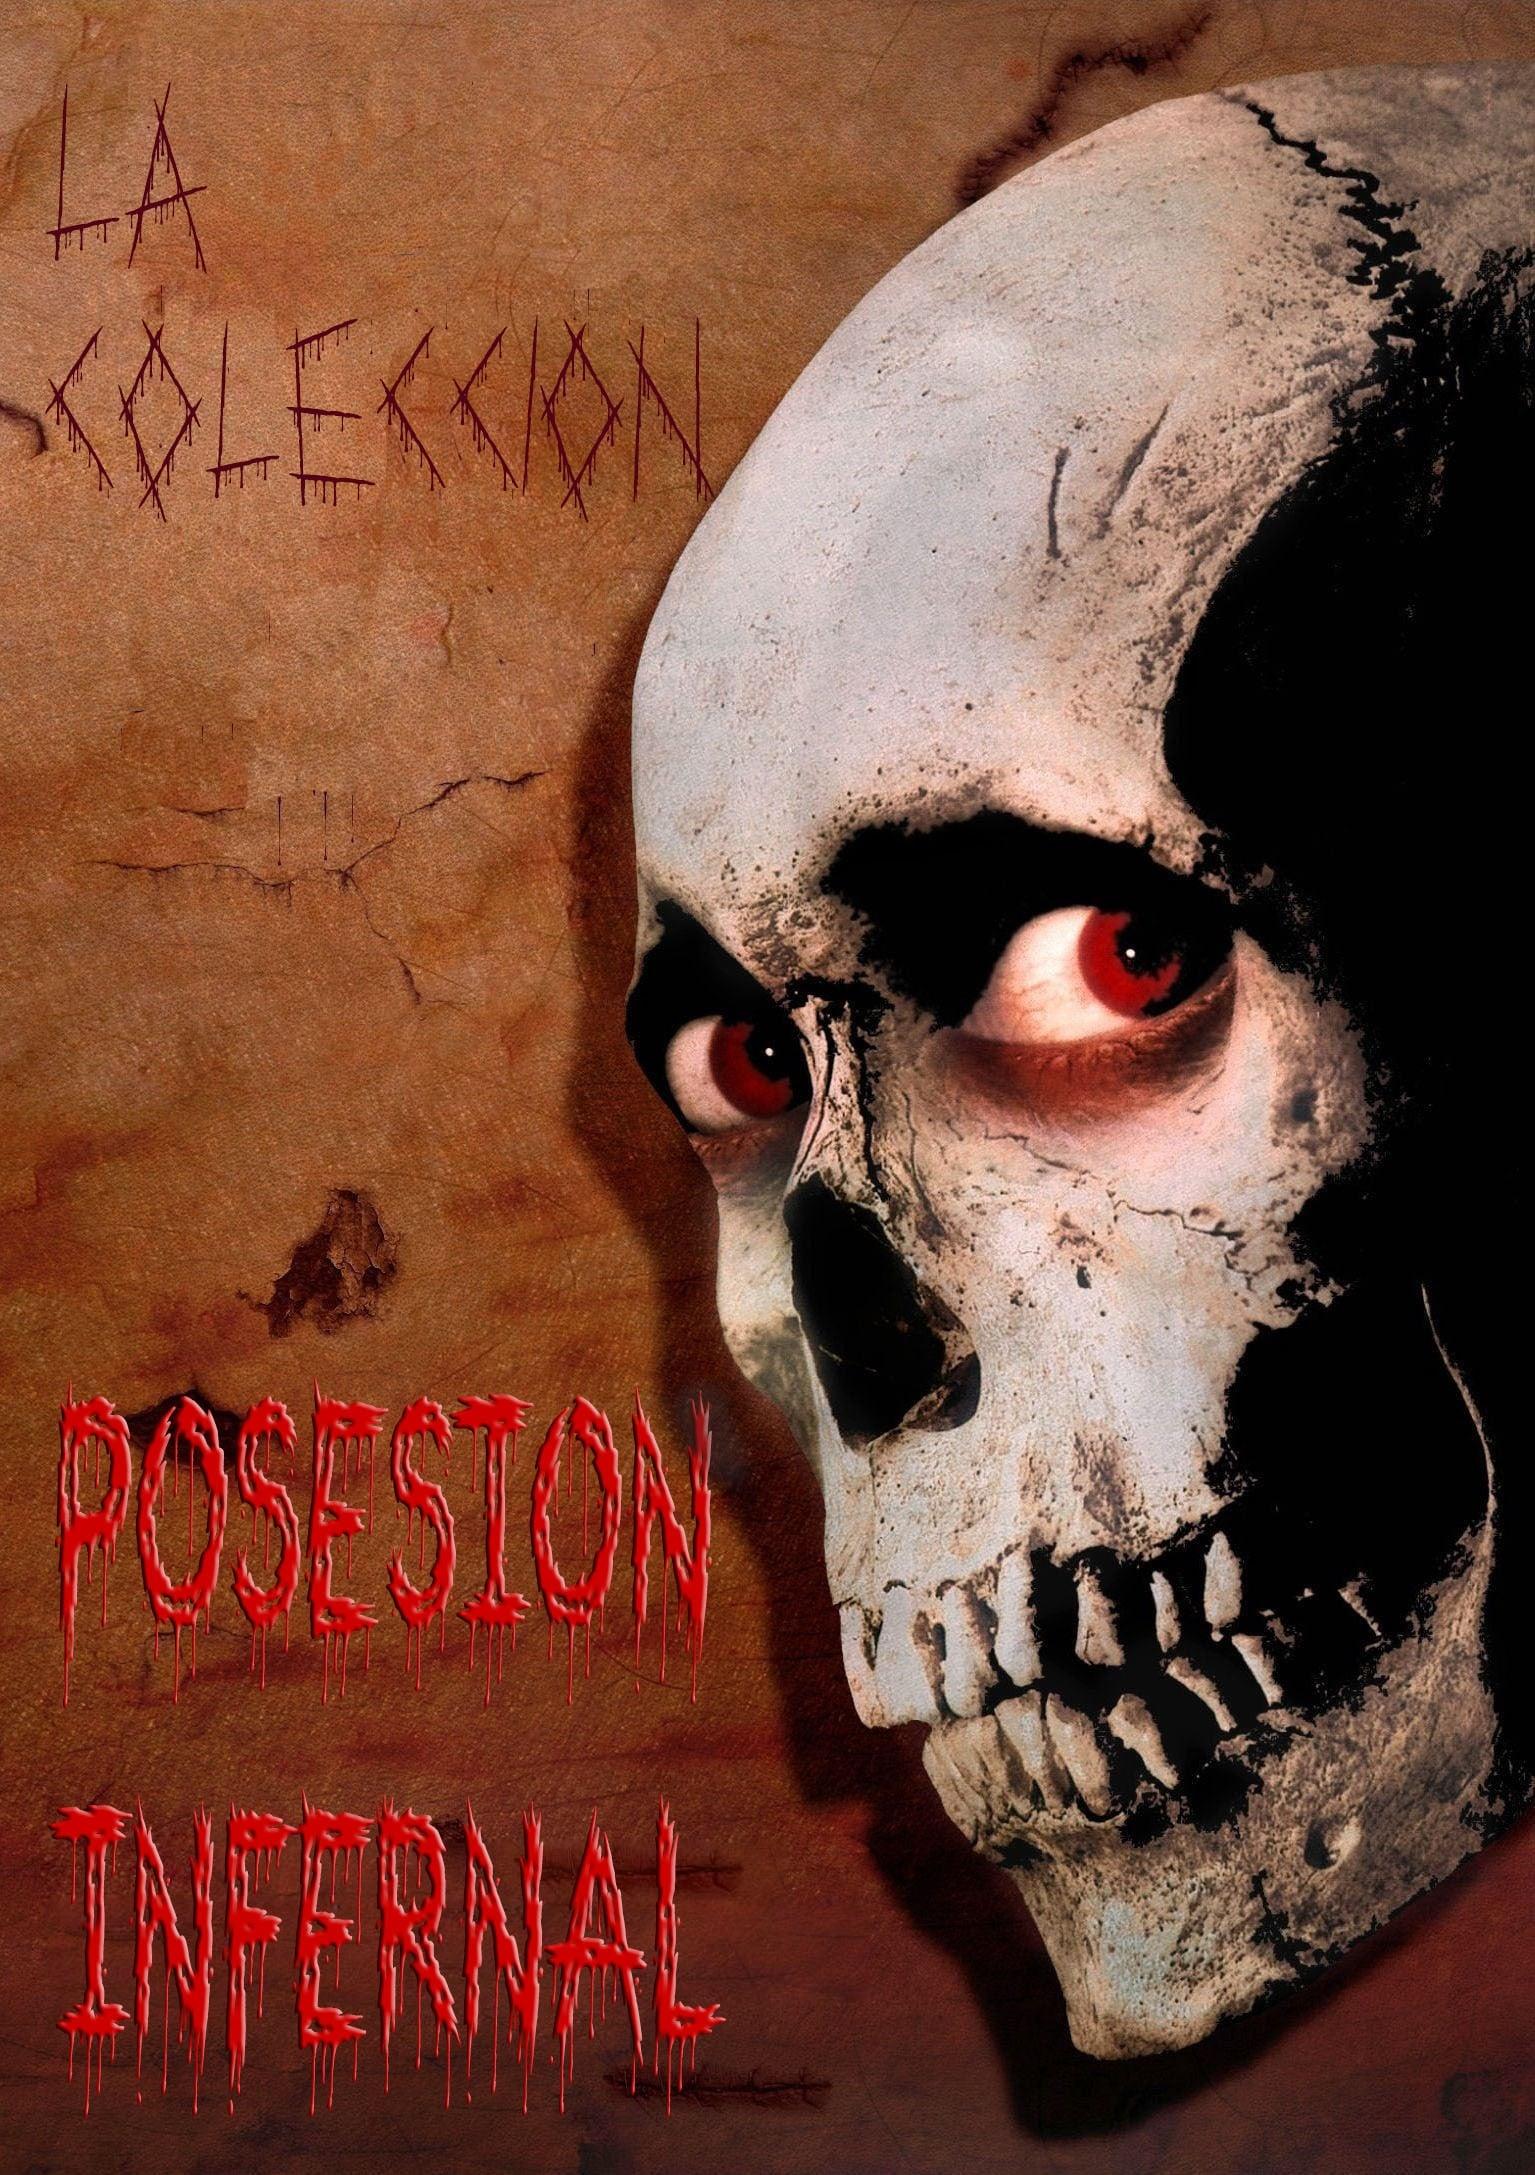 Póster Posesión infernal - La Colección